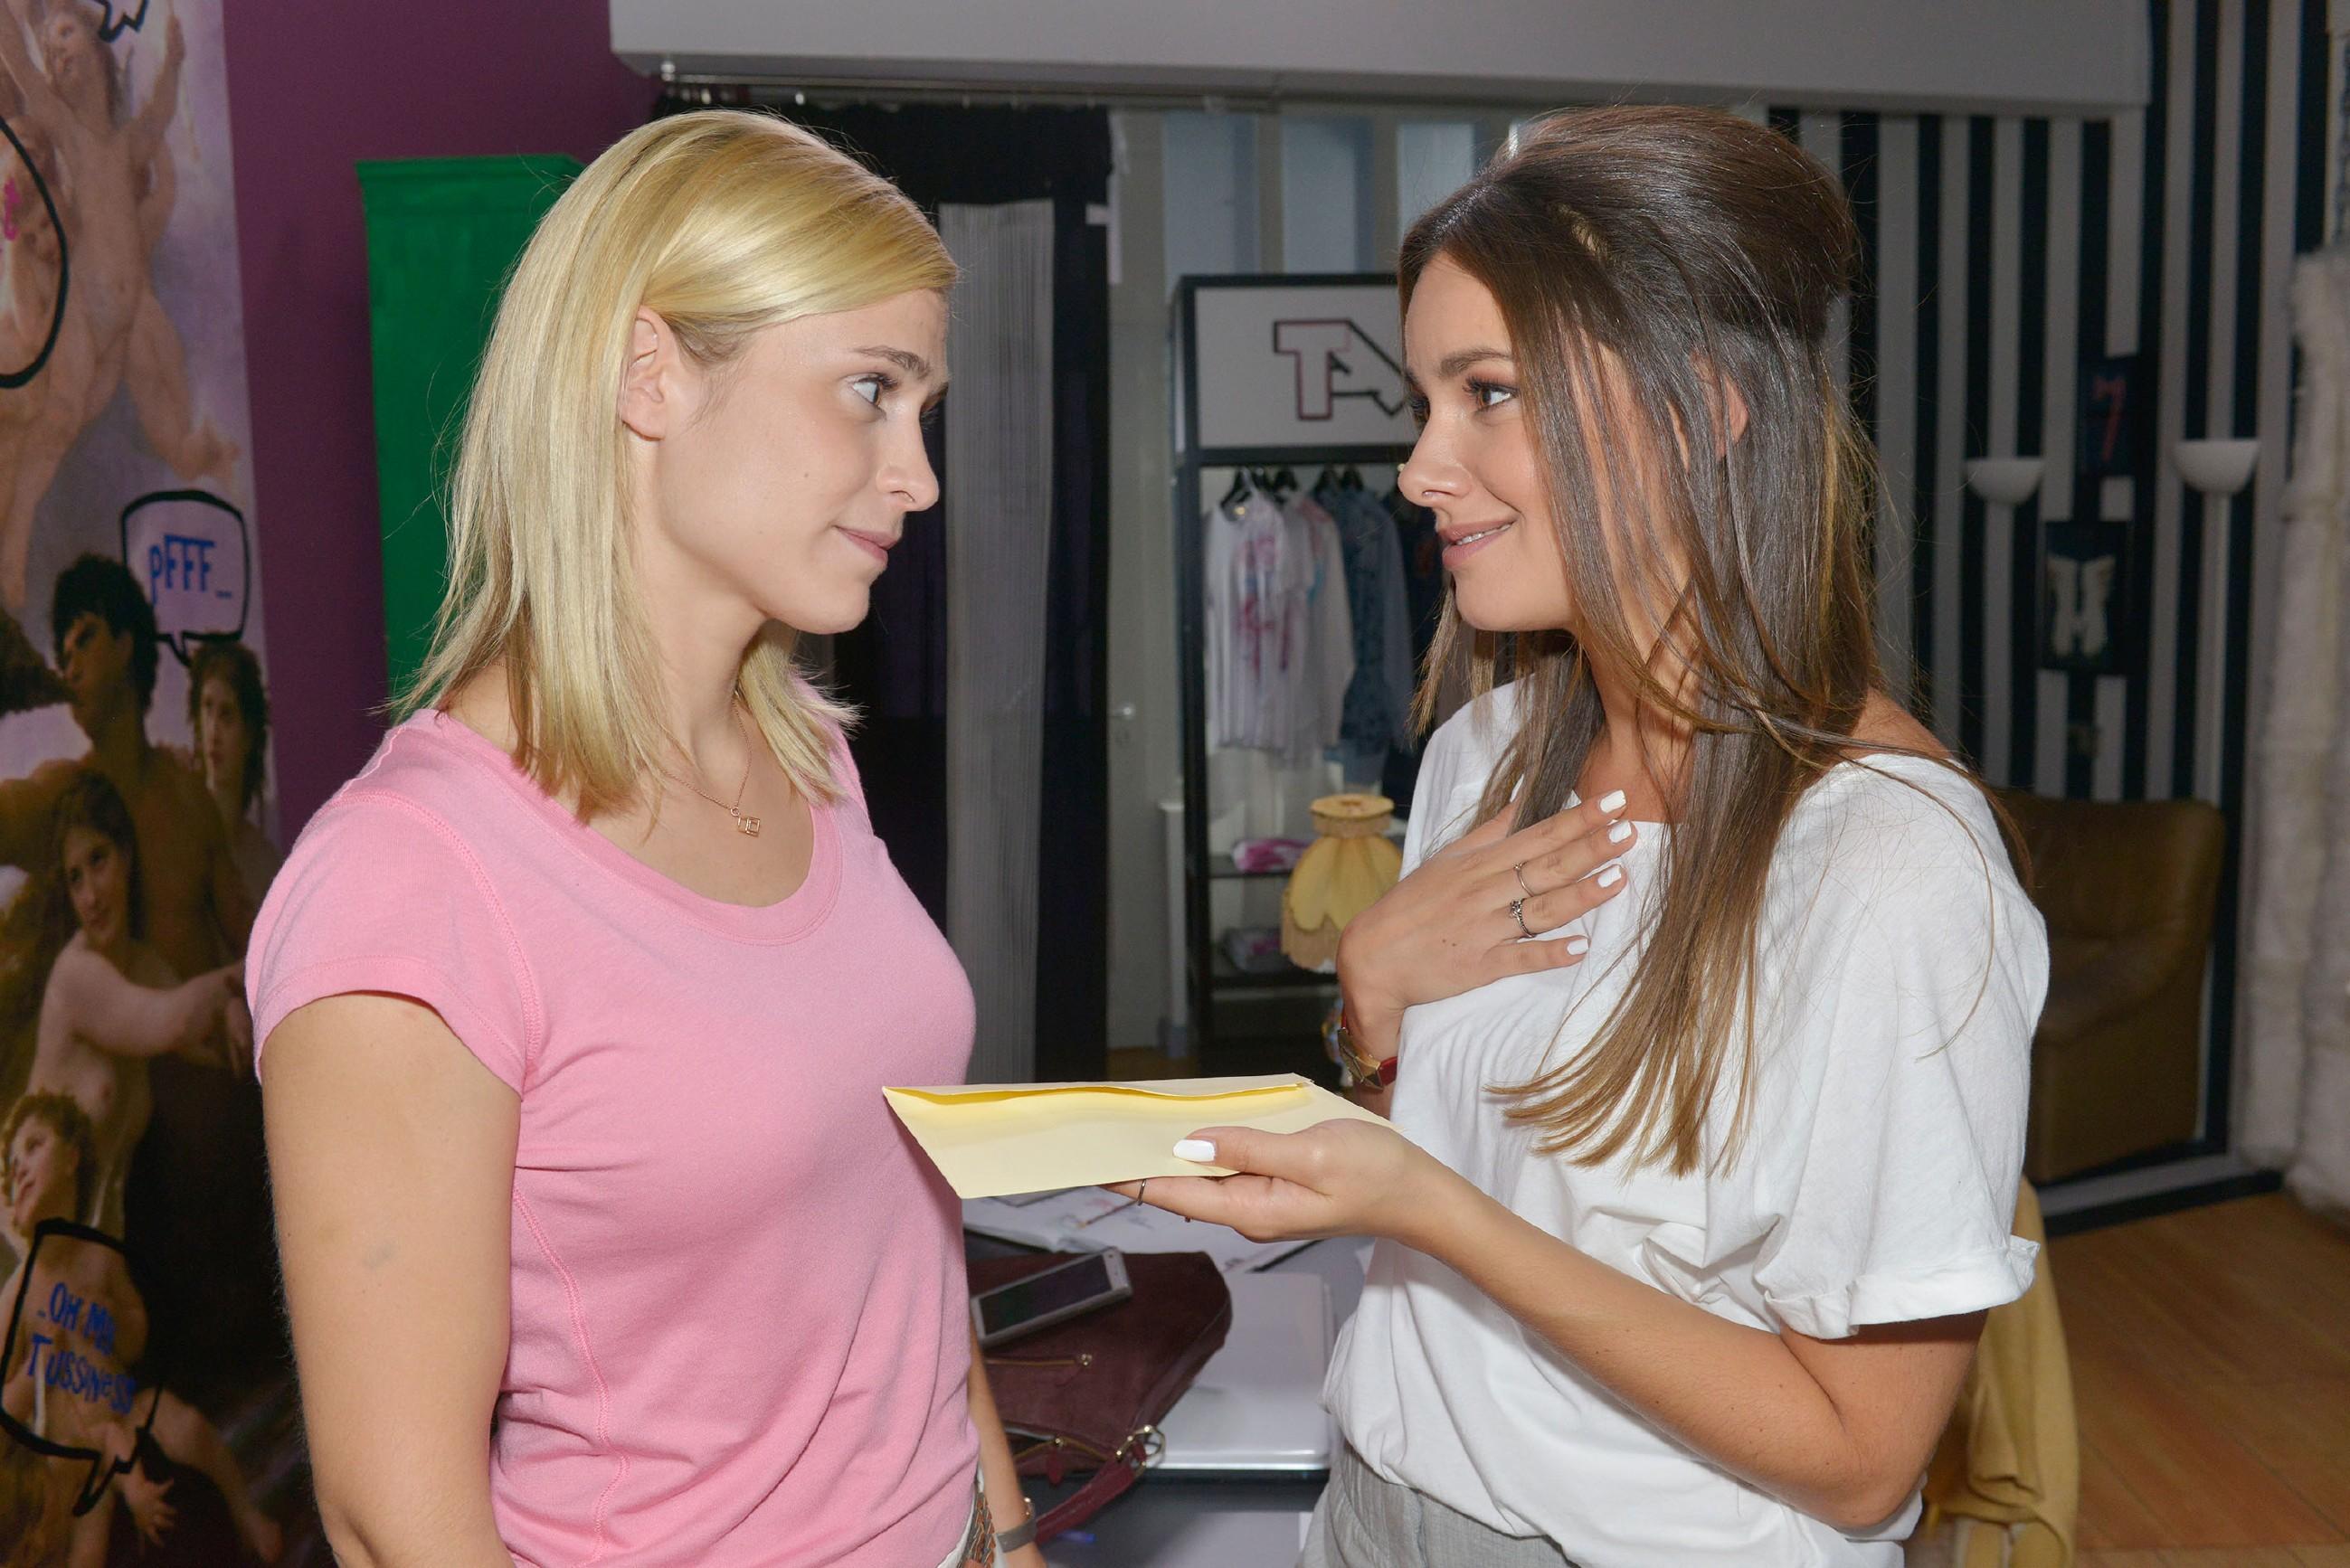 Jasmin (Janina Uhse, r.) bedankt sich bei Sophie (Lea Marlen Woitack) für ihren Einsatz bei Tussi Attack und ist froh, sie im Laden nicht zu verlieren. (Quelle: RTL / Rolf Baumgartner)